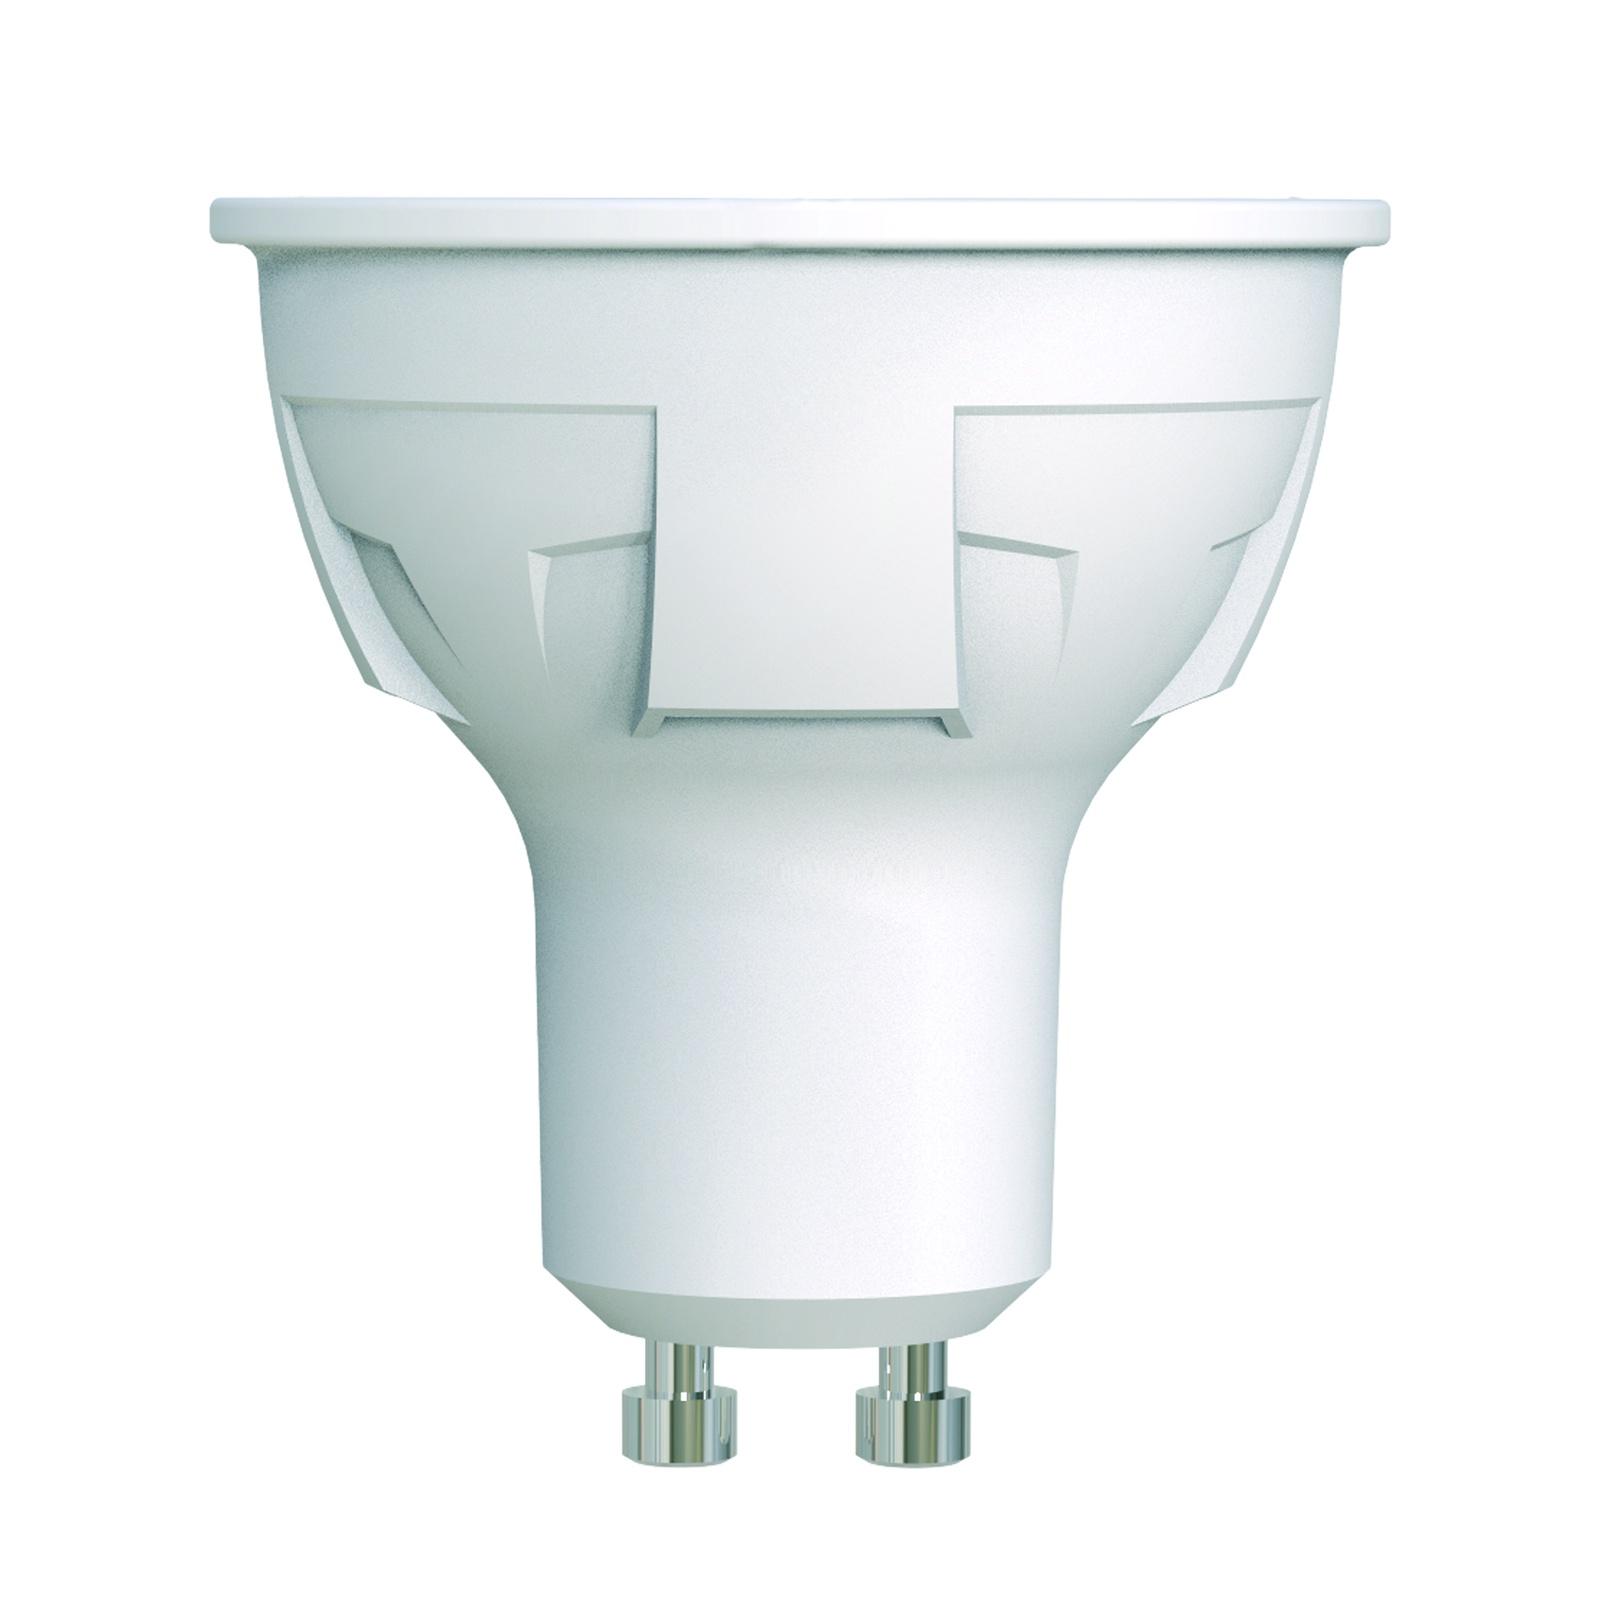 Лампочка Uniel LED-JCDR 6W/NW/GU10/FR/DIM 4000K, Нейтральный свет 6 Вт, Светодиодная